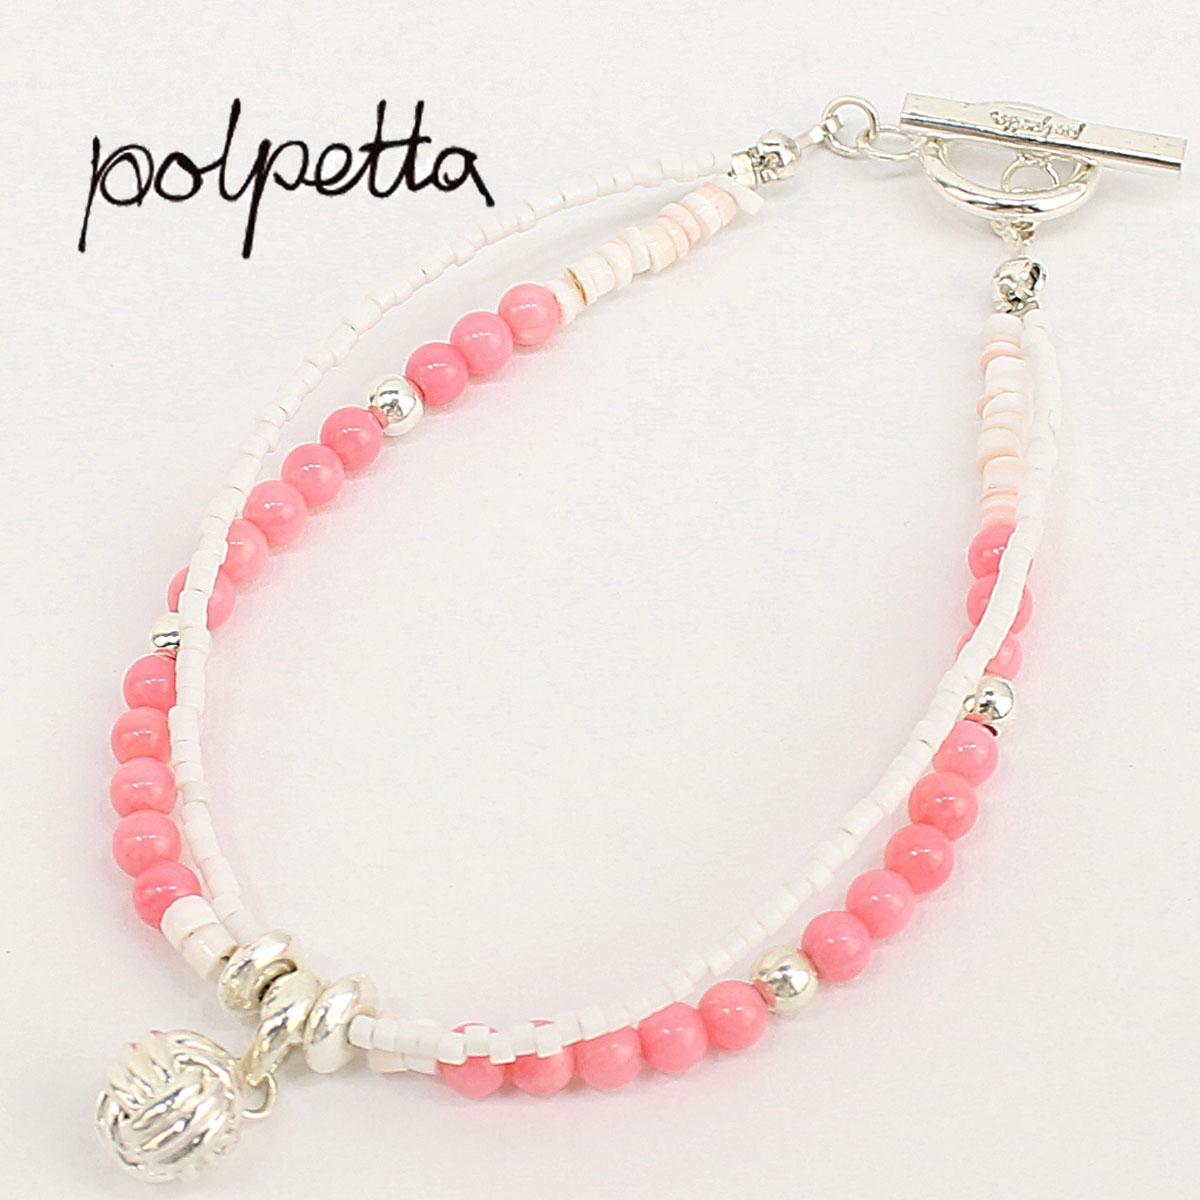 POLPETTA ポルペッタ ピンクコーラル シルバー925 2連ブレスレット STONE BRACELET 001 PINK-POL (ピンク)